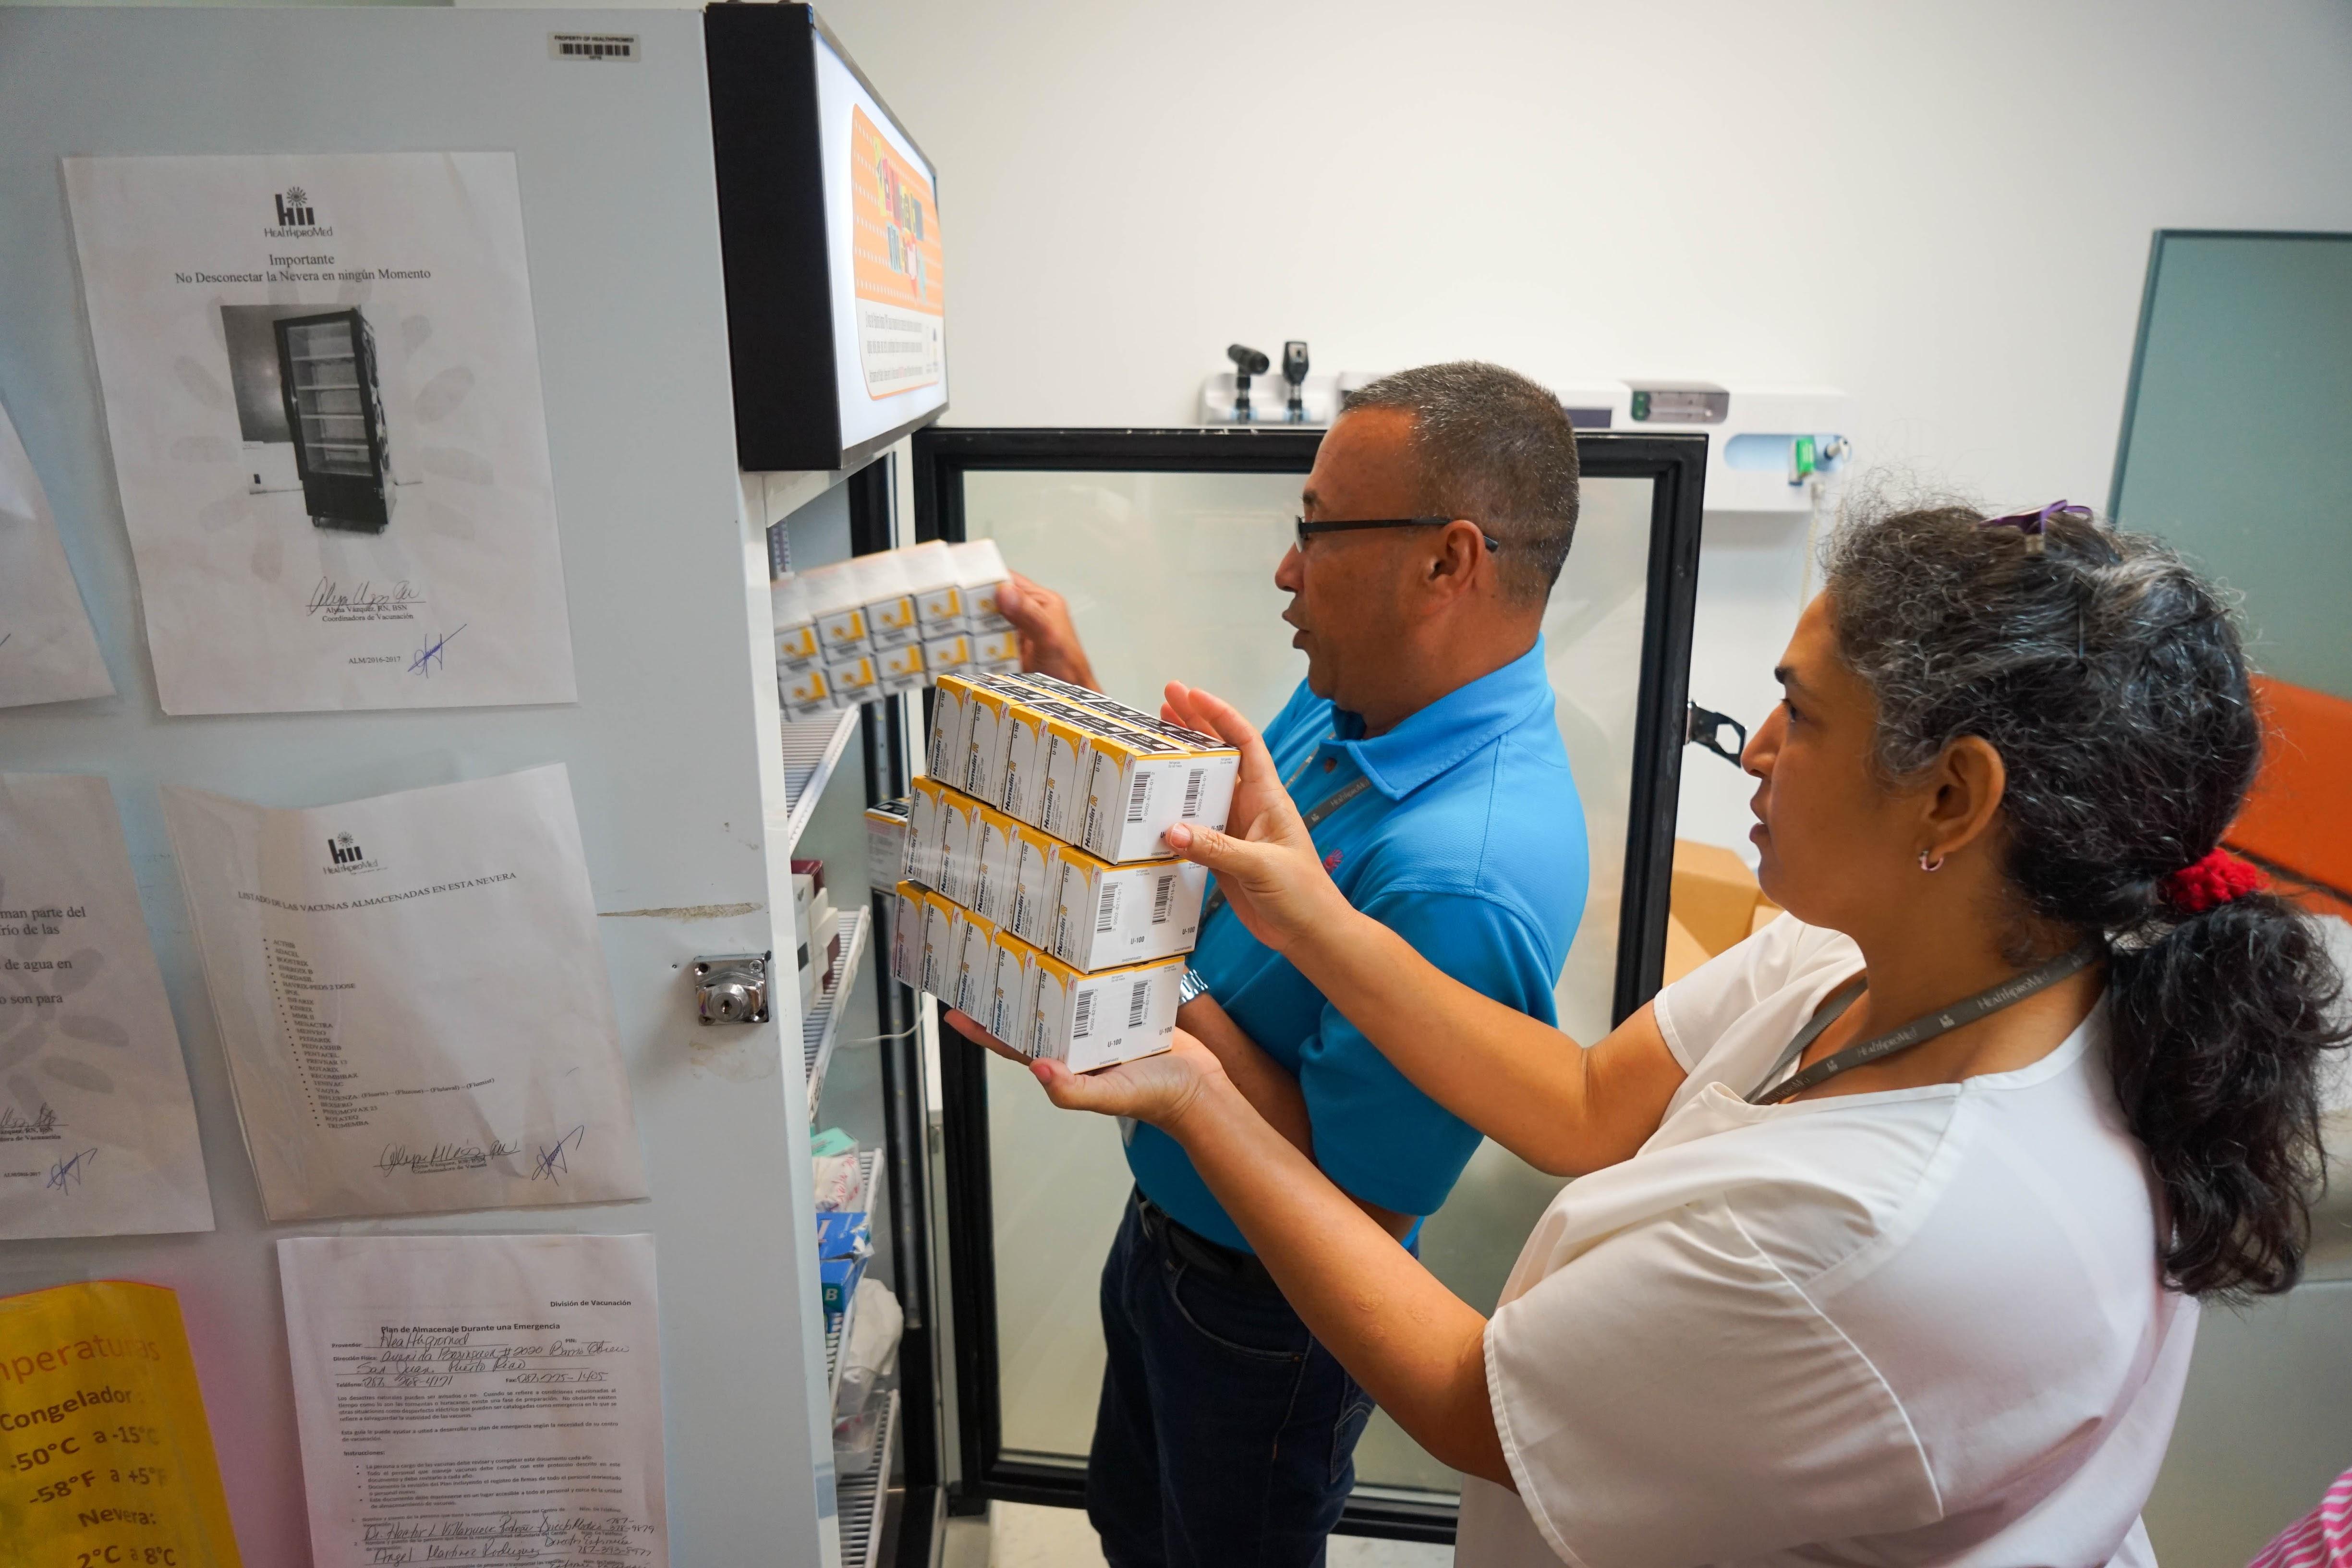 Direct Relief está equipando 89 instalaciones de salud en Puerto Rico con 164 unidades de refrigeración de grado farmacéutico que cumplen con la FDA para almacenar medicamentos de cadena de frío. (Lara Cooper/Direct Relief)